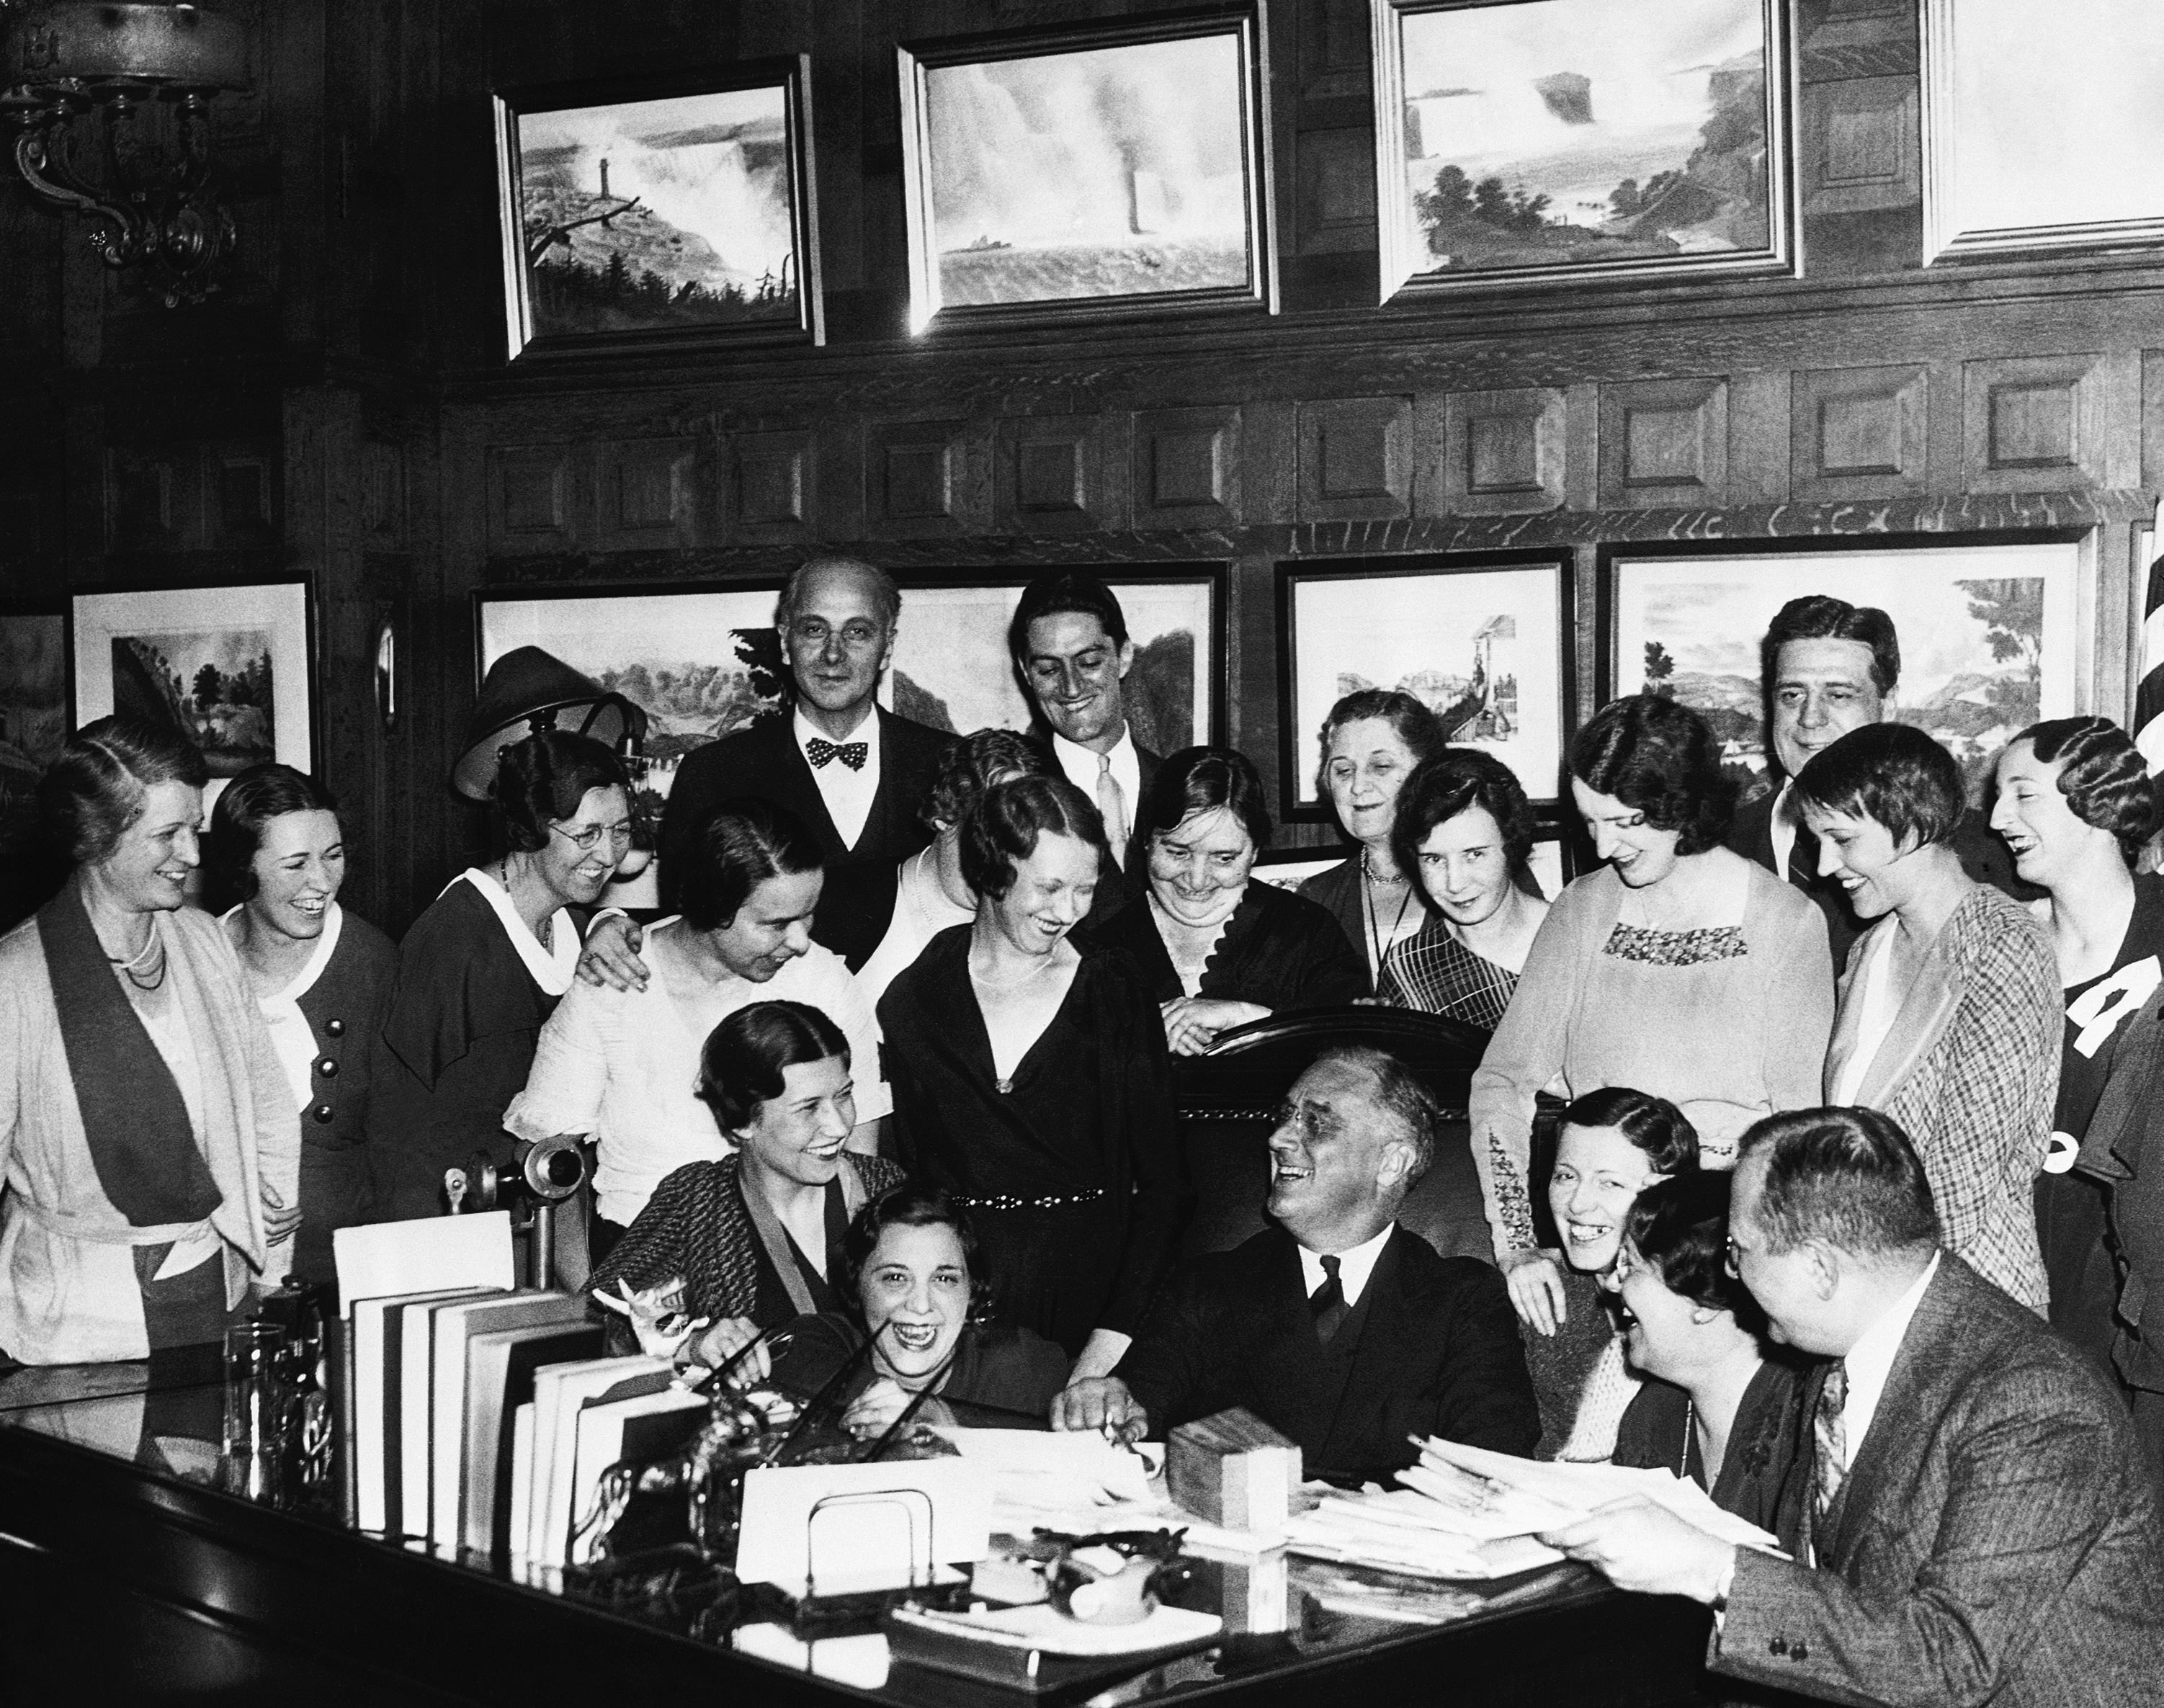 1932年11月18日,紐約州州長羅斯福(Franklin Delano Roosevelt),以壓倒性的高票當選總統後,他回到紐約州州府奧爾巴尼市,與州府員工歡聚。羅斯福在大選中贏得57%選票,並拿下除6個州以外的其他所有州,贏得472張選舉人票,較胡佛的59張多。1933年3月上任後,推展新政,連任四屆,成為最受美國民眾愛戴的總統。(美聯社)